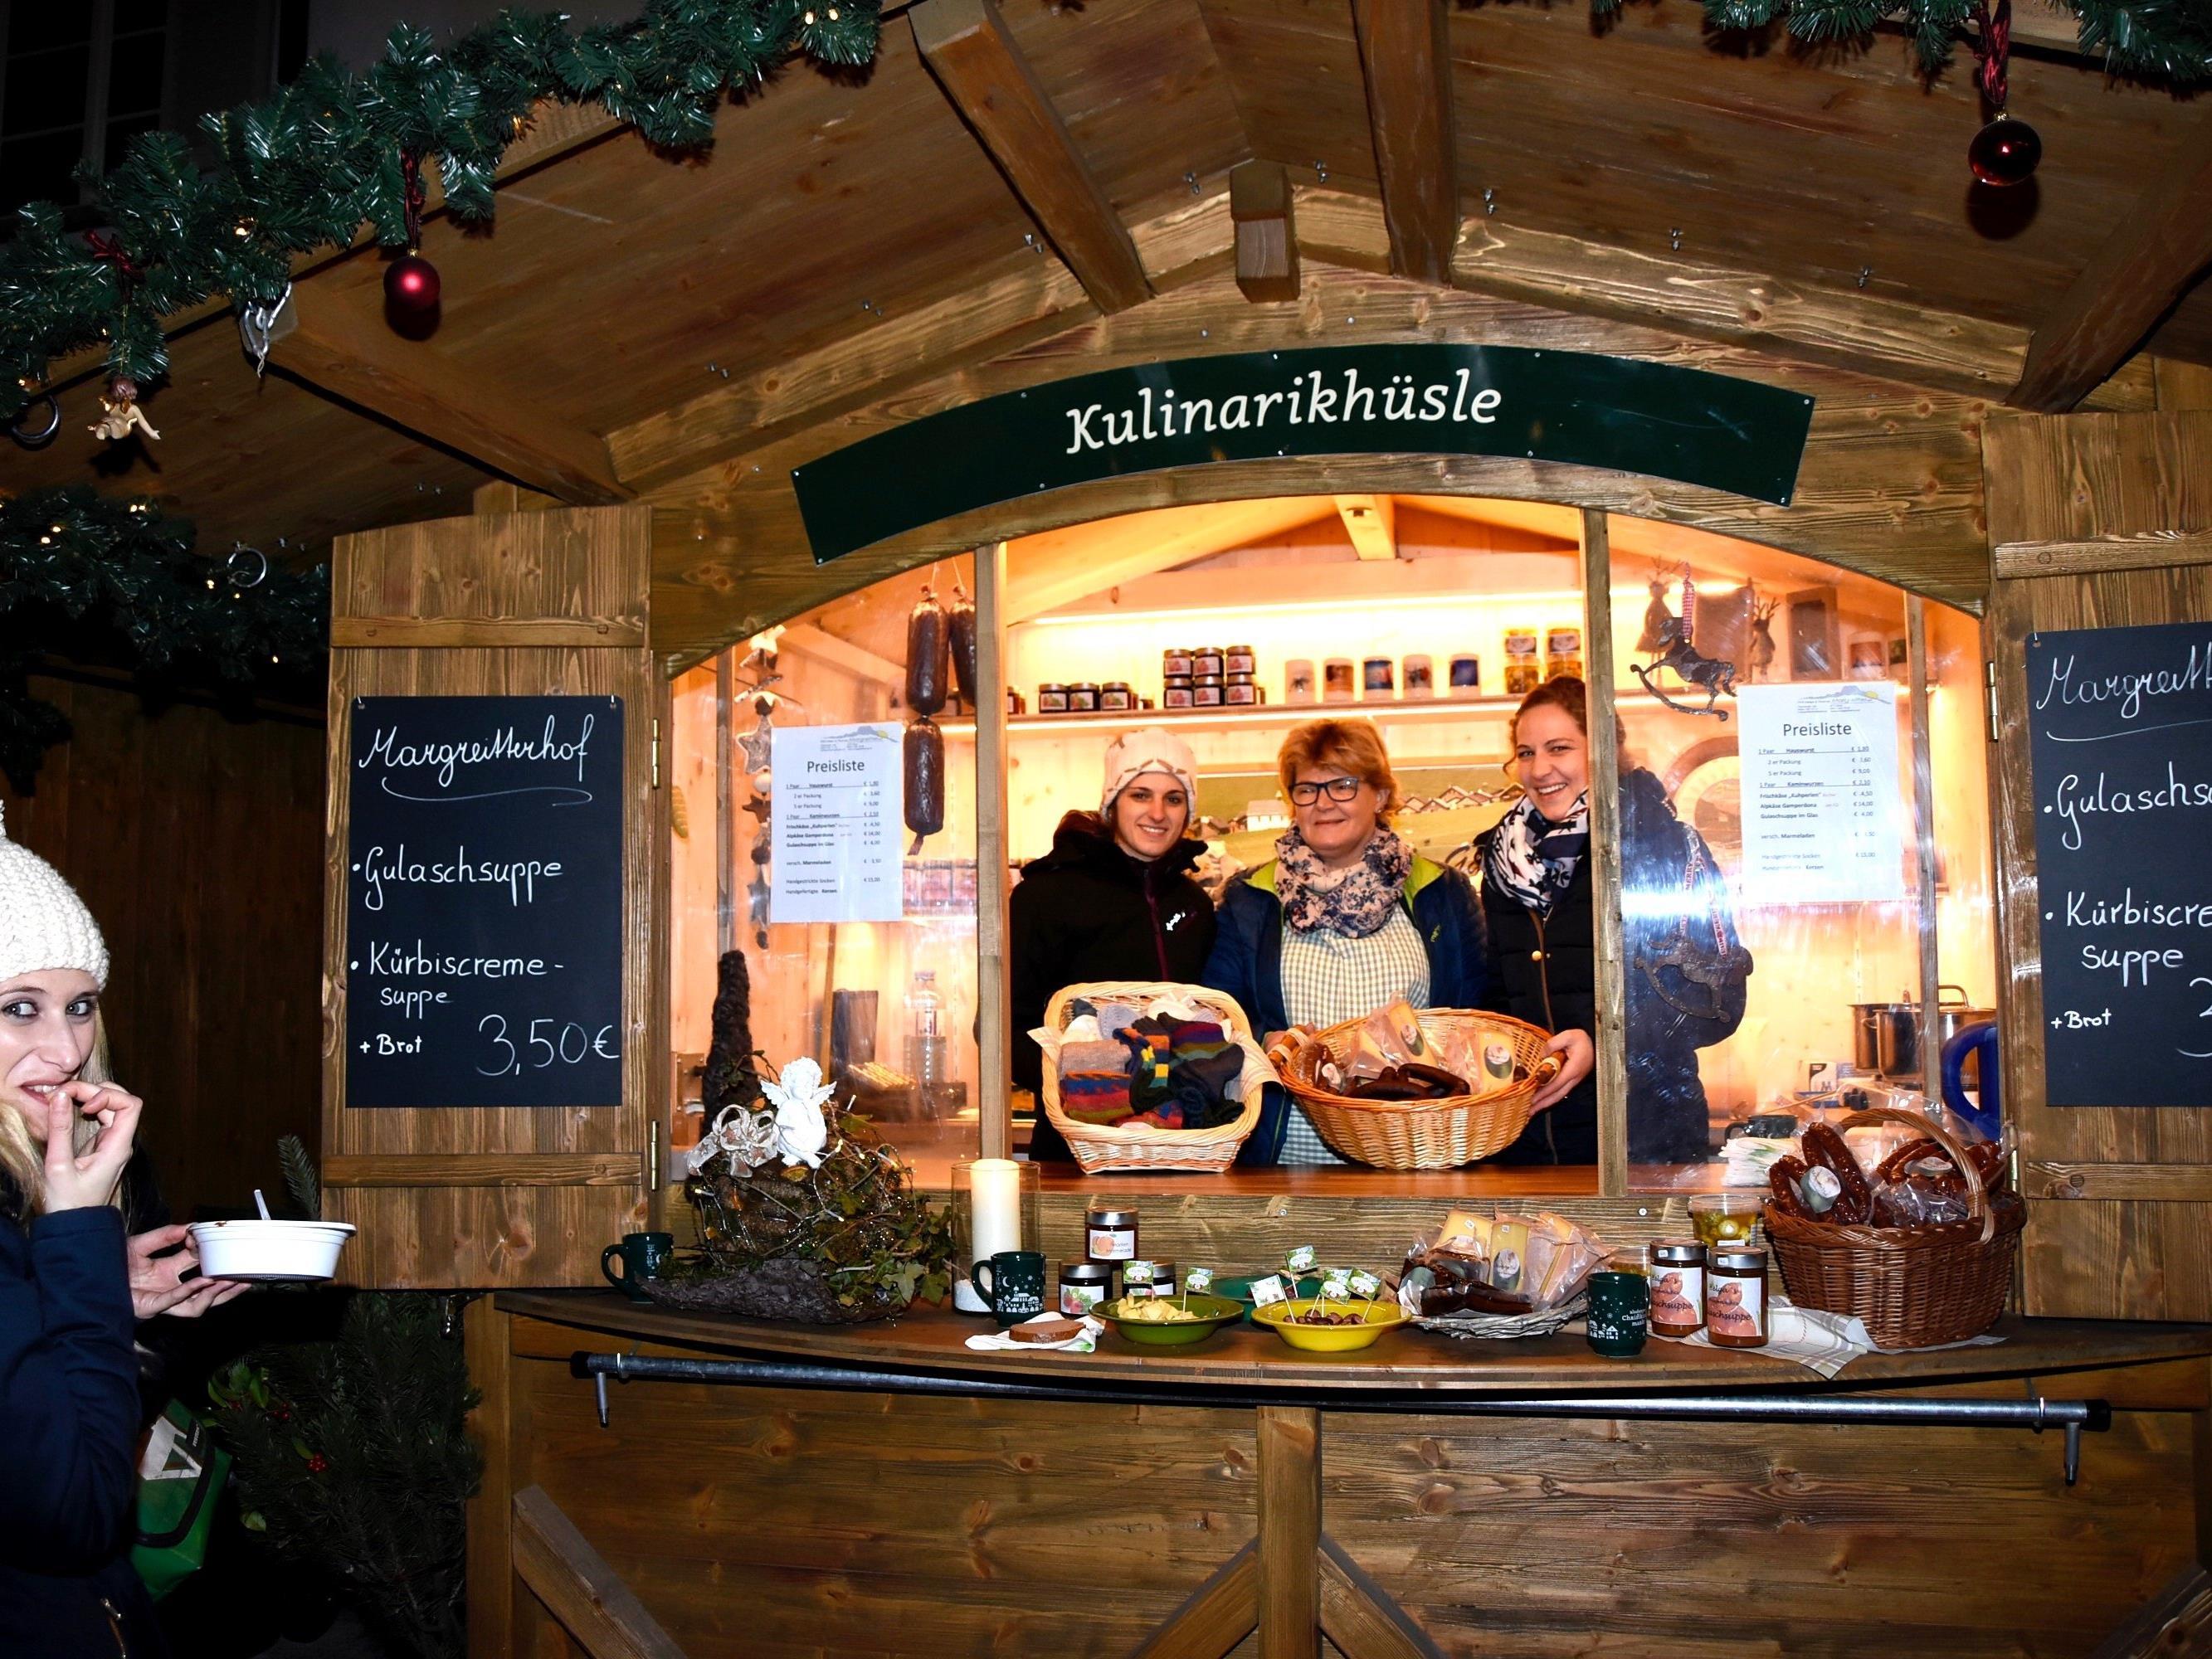 Häuschen des Margreitterhofs am Bludenzer Christkindlemarkt 2016